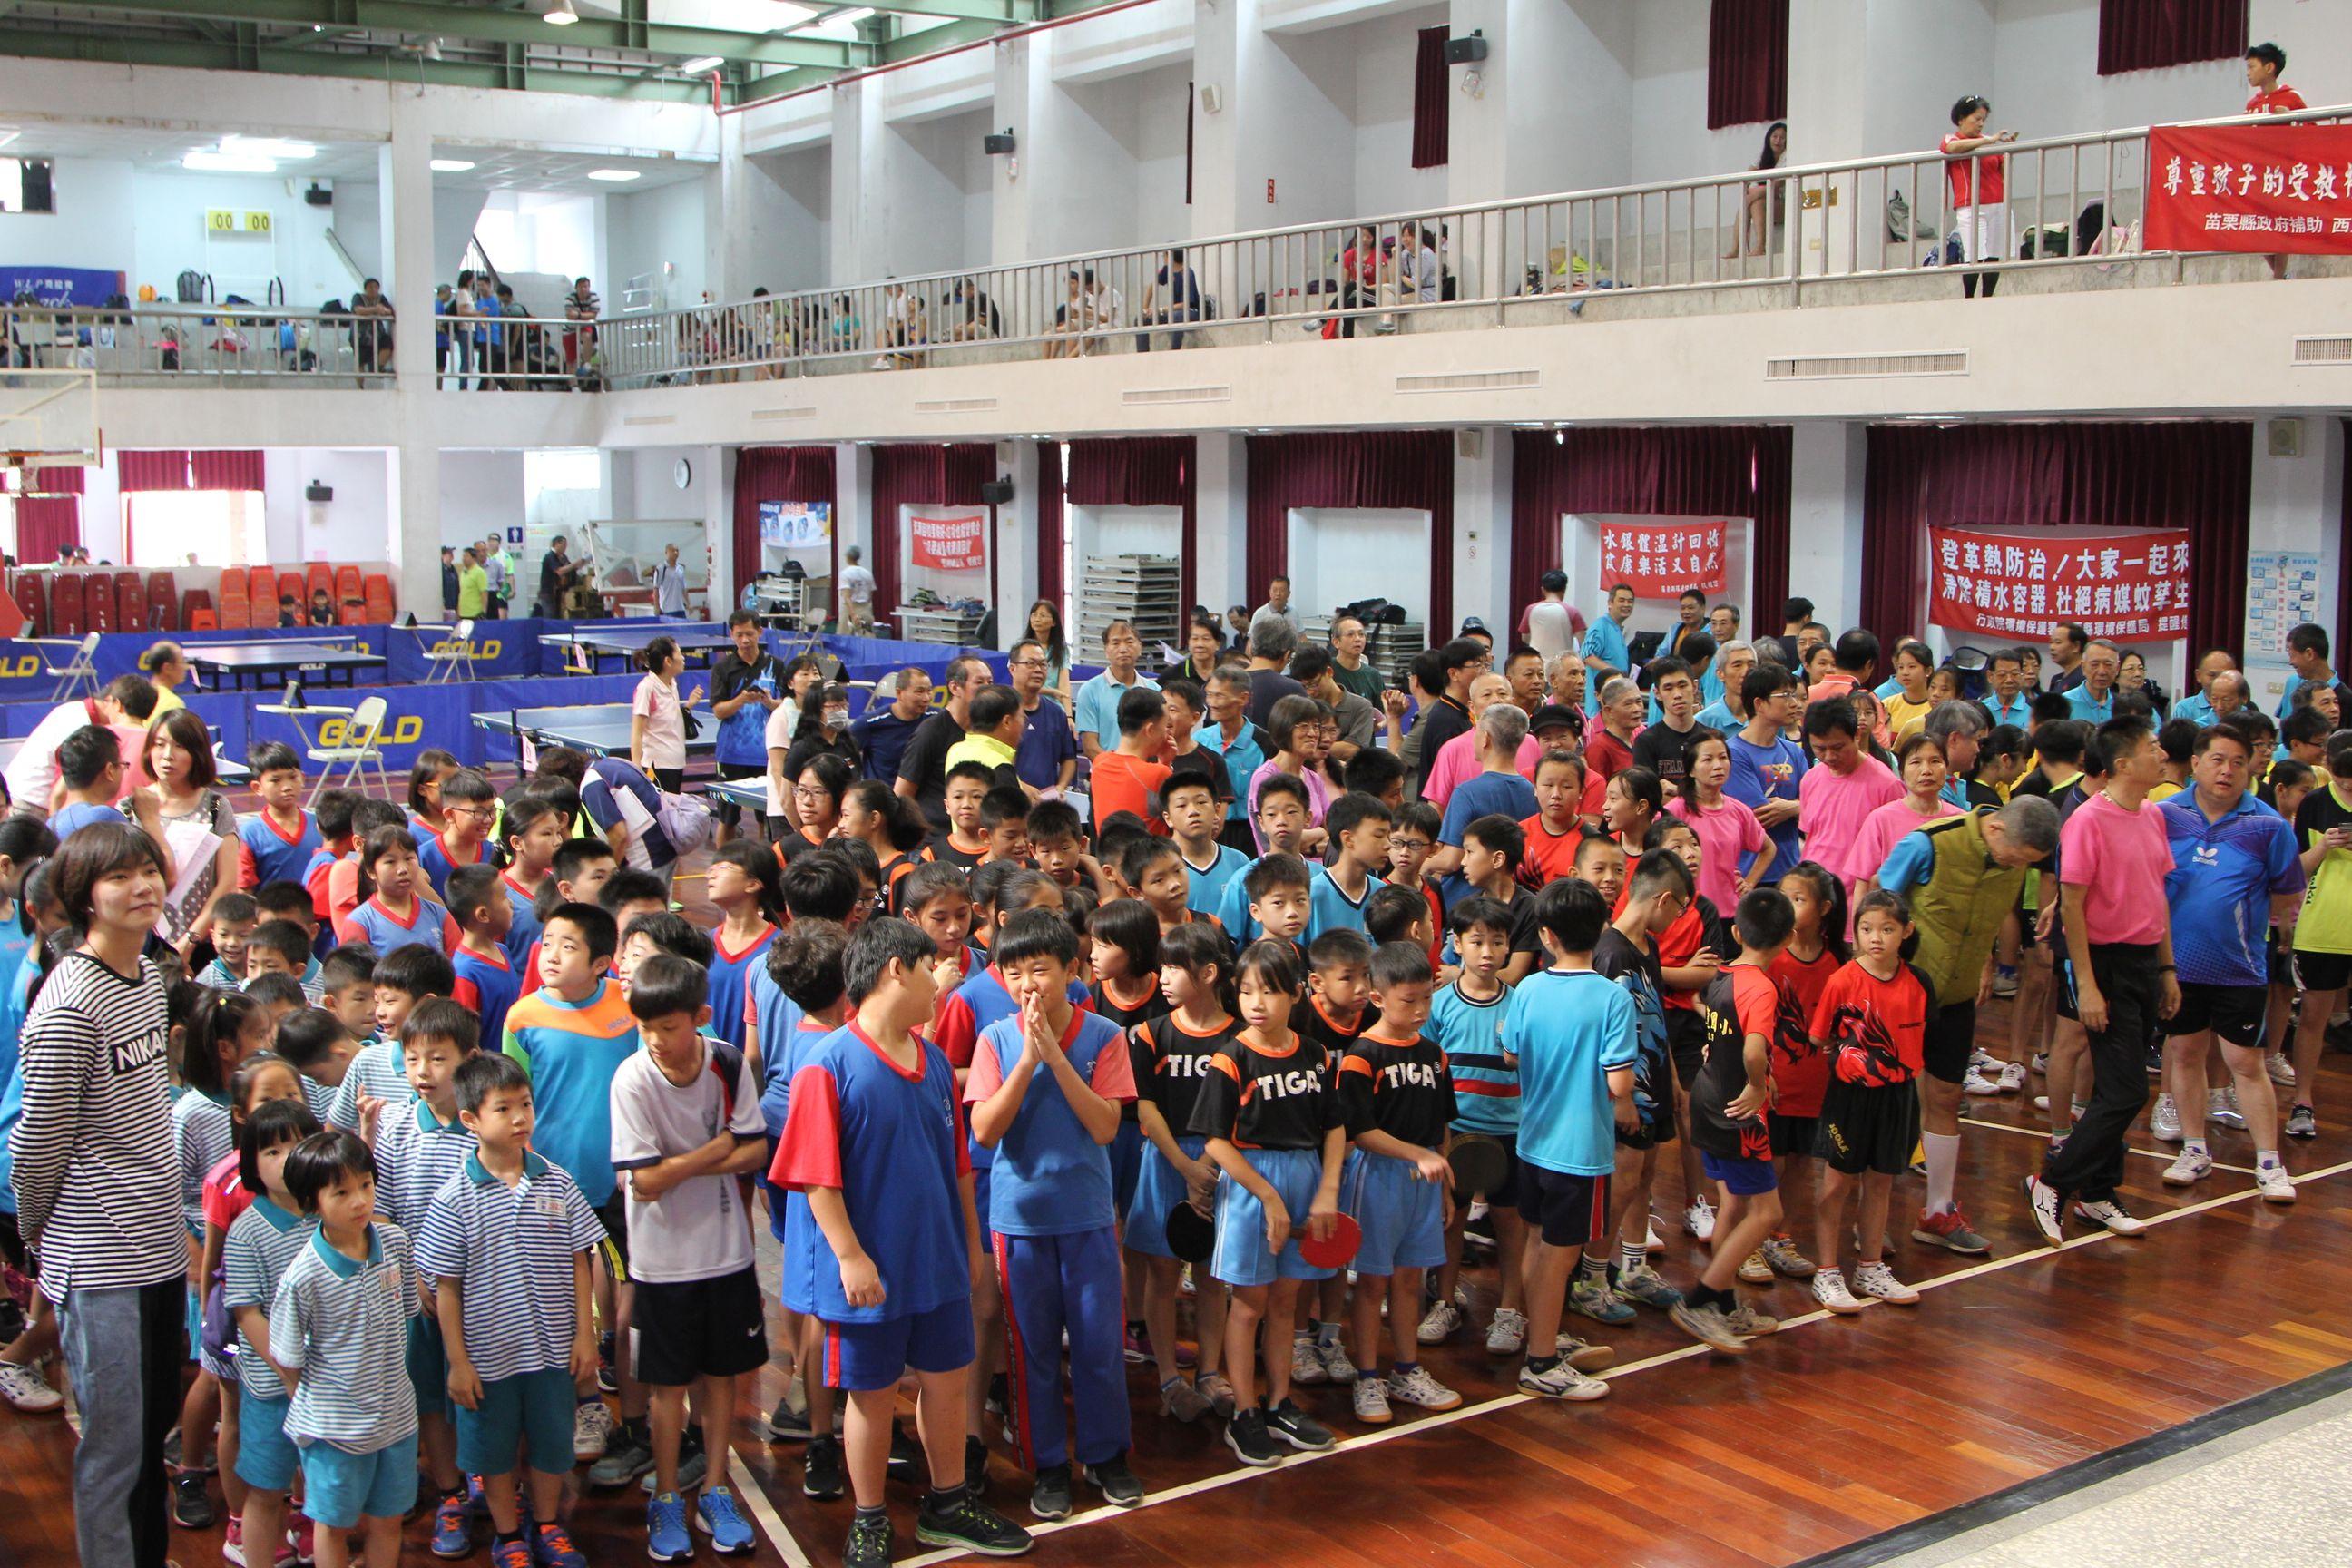 108年西湖鄉第12屆主席盃桌球錦標賽